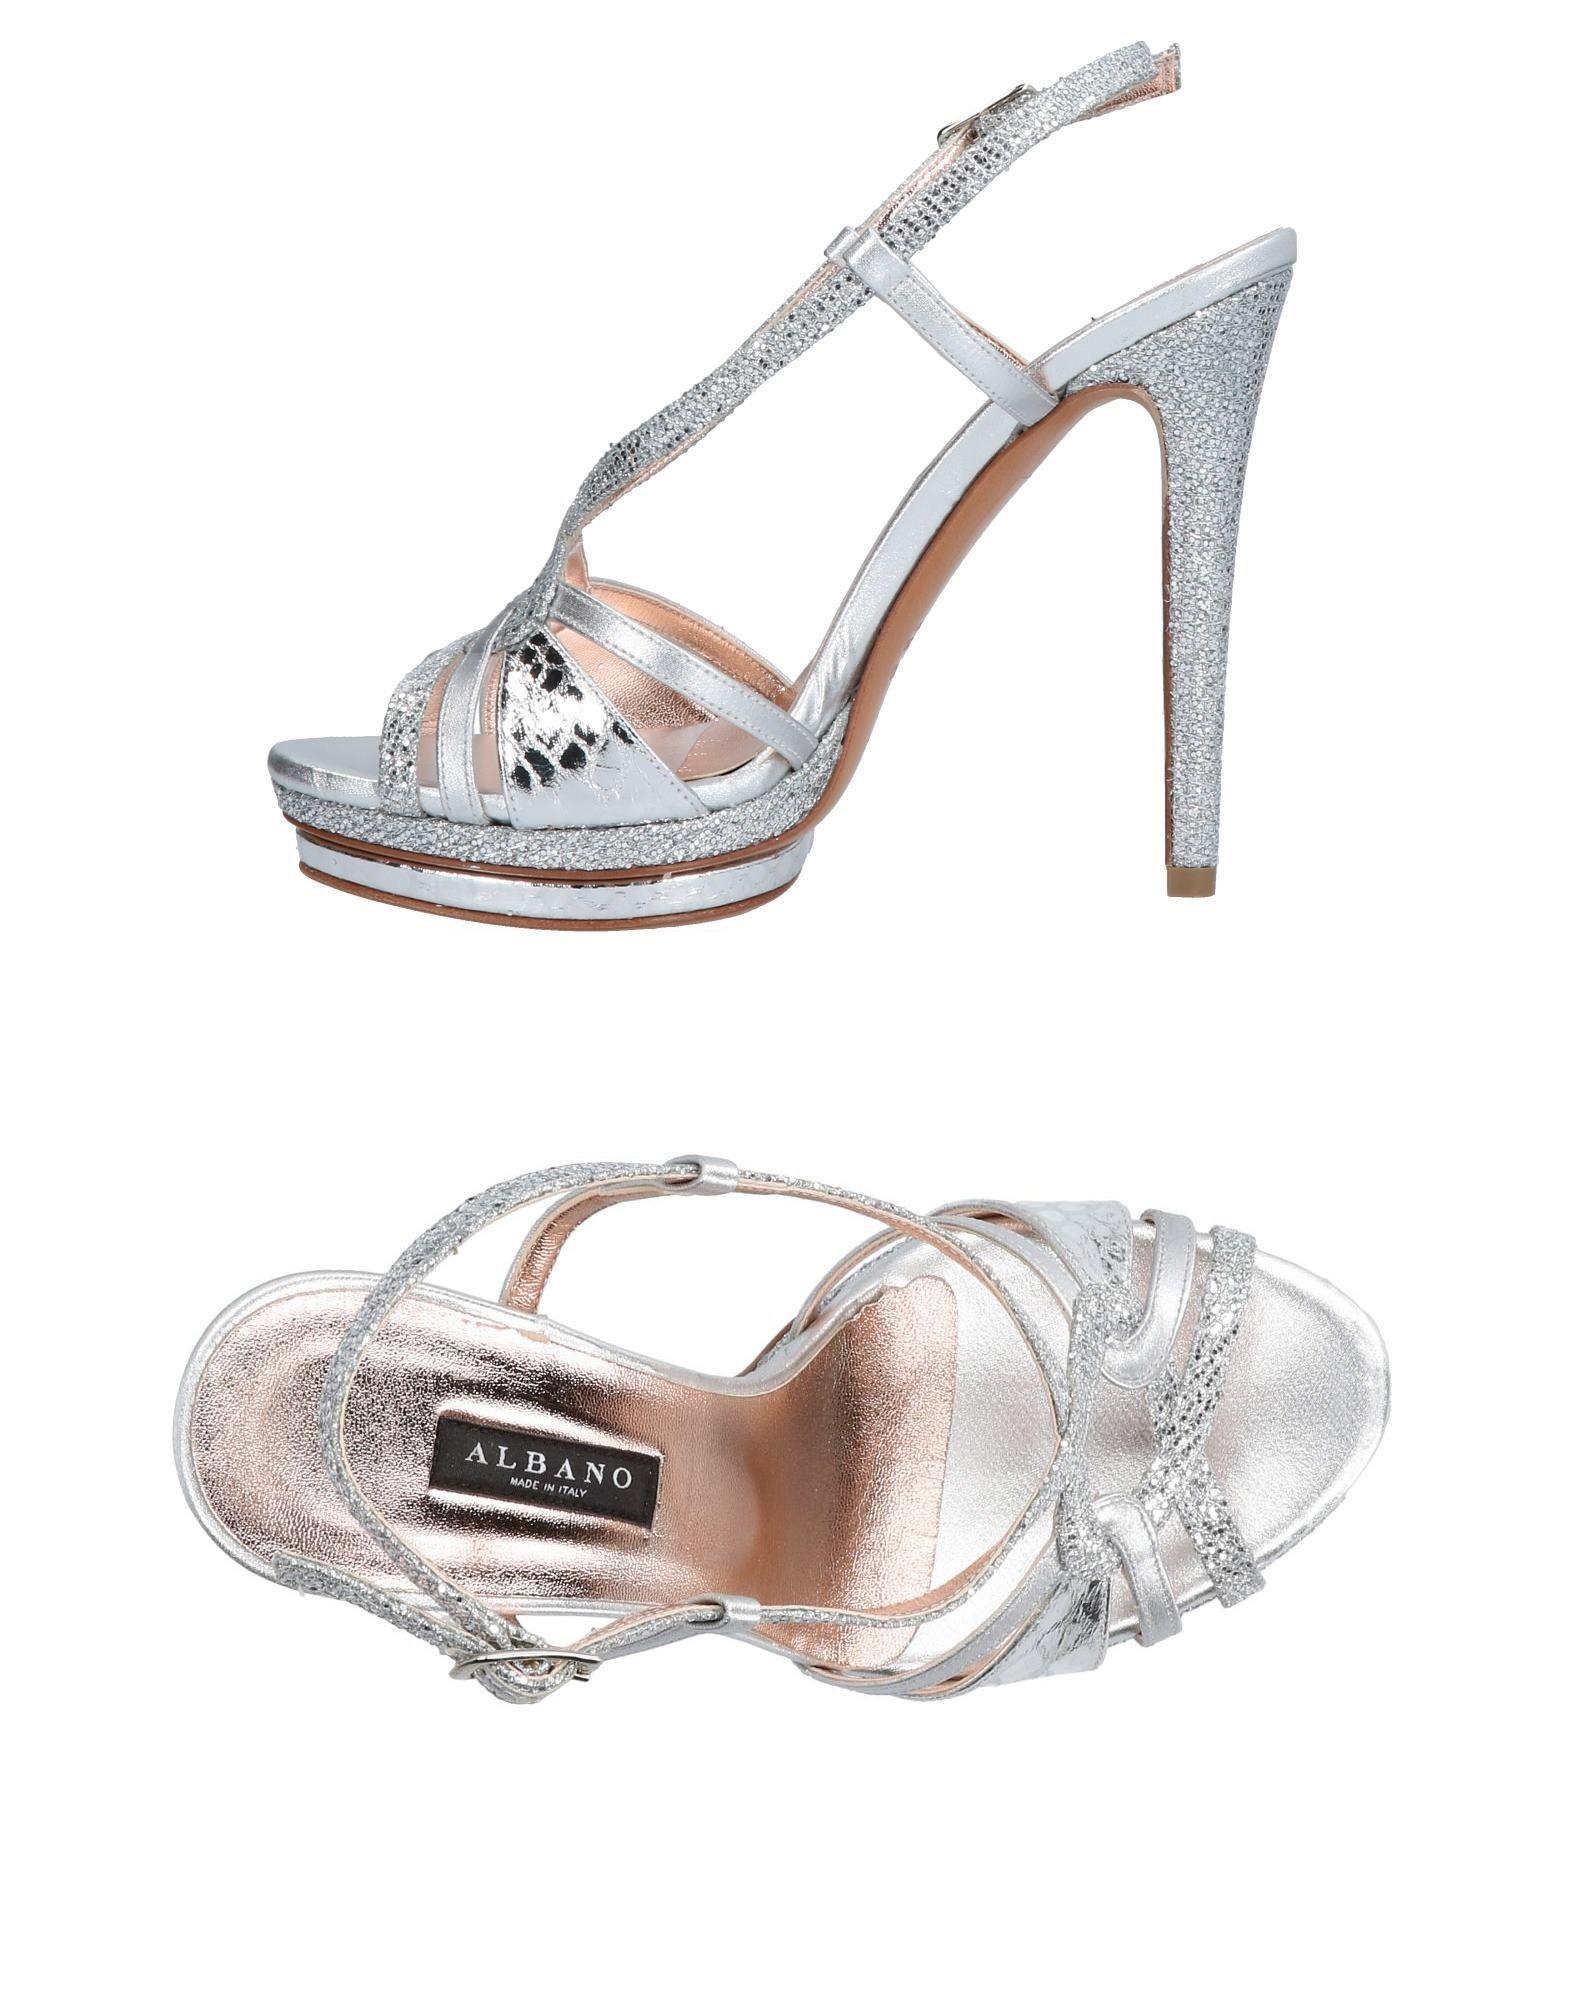 5b0f37ce4f69 Albano - Metallic Sandals - Lyst. View fullscreen